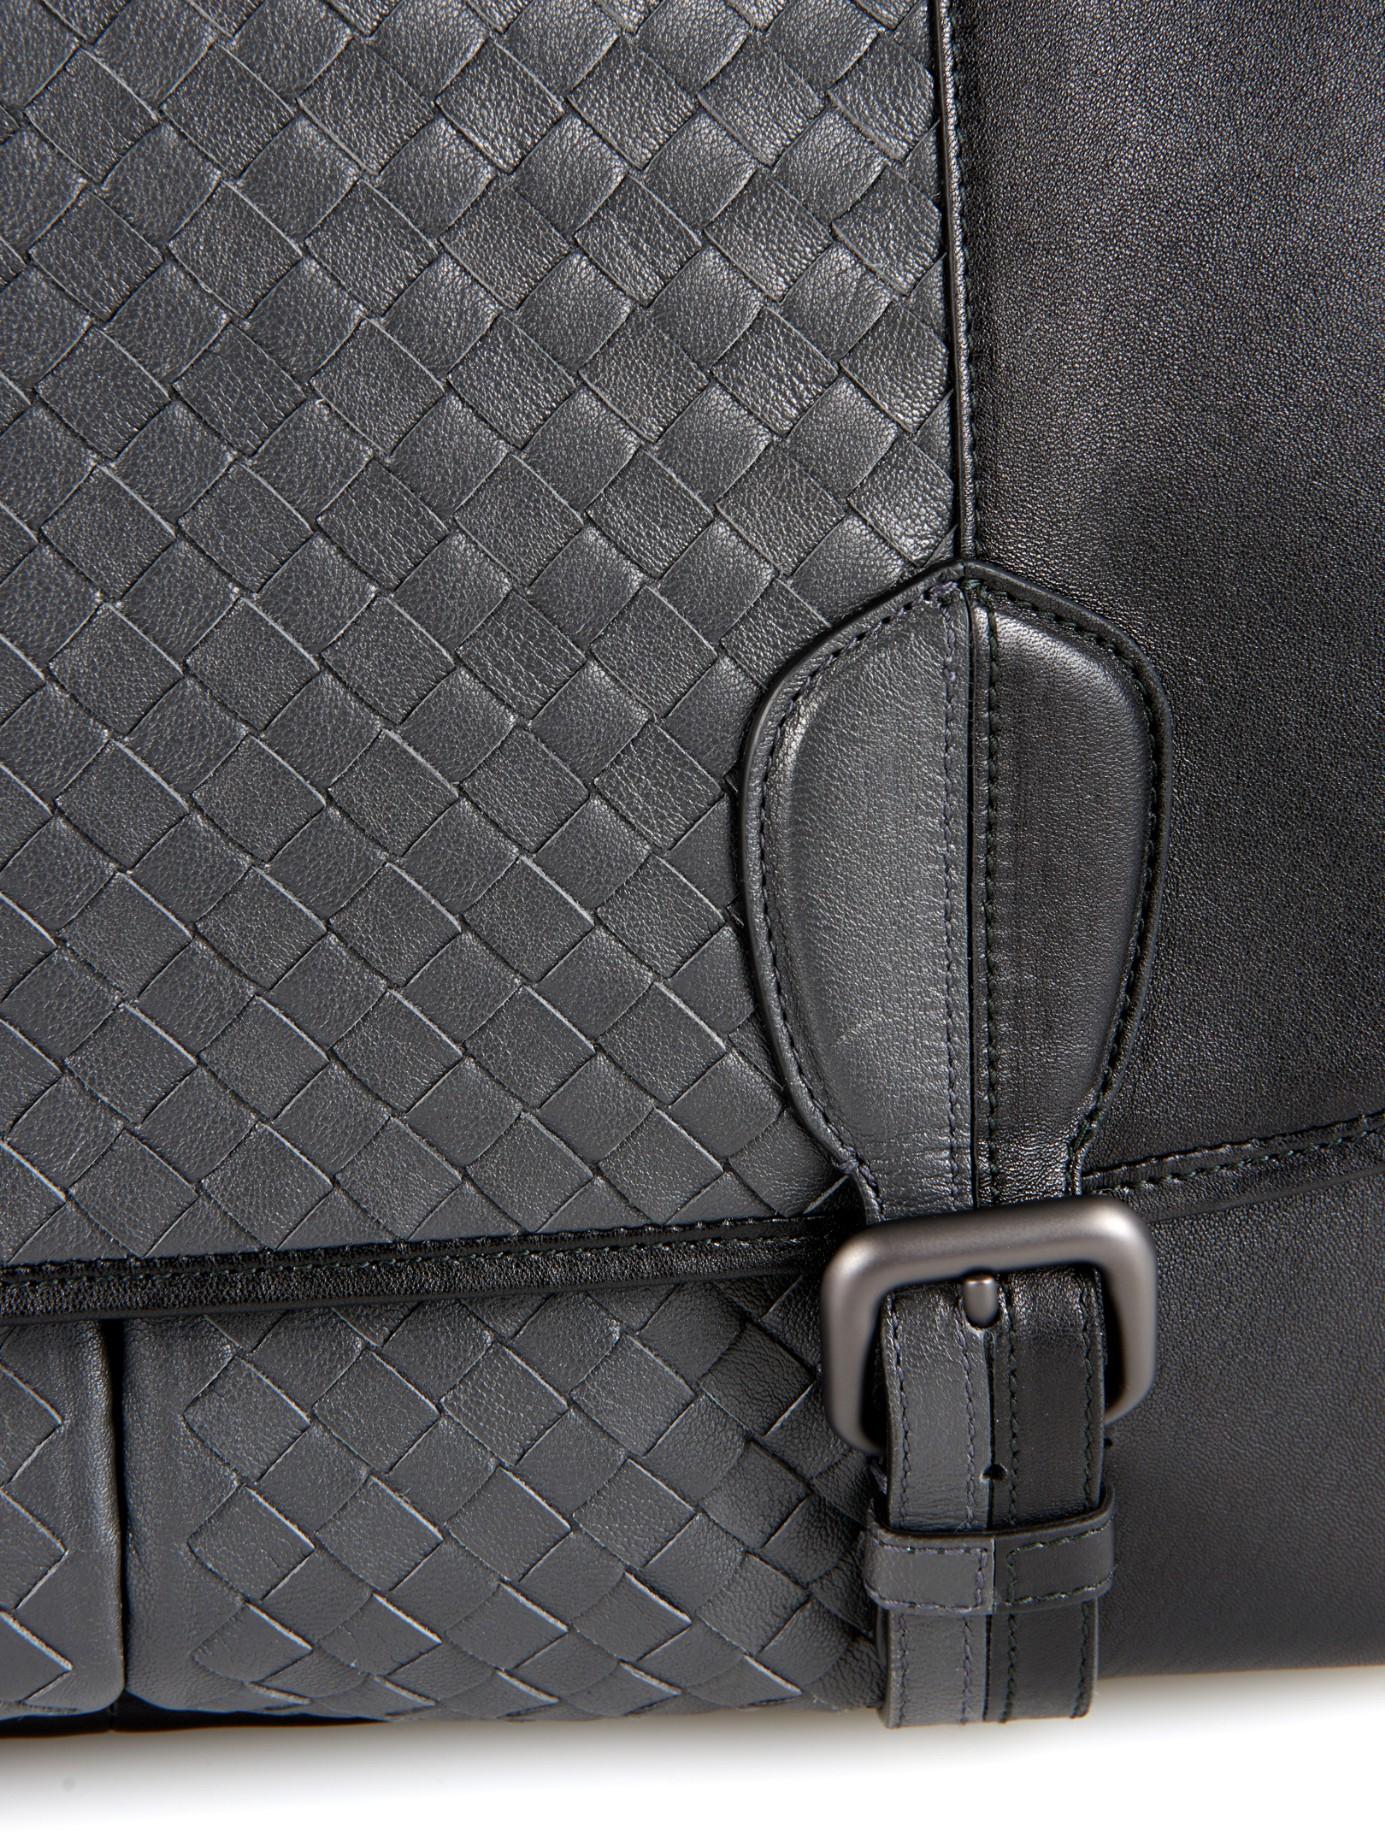 Bottega Veneta Bi-Colour Intrecciato Leather Messenger Bag in Black ... 282a47fca1e6a